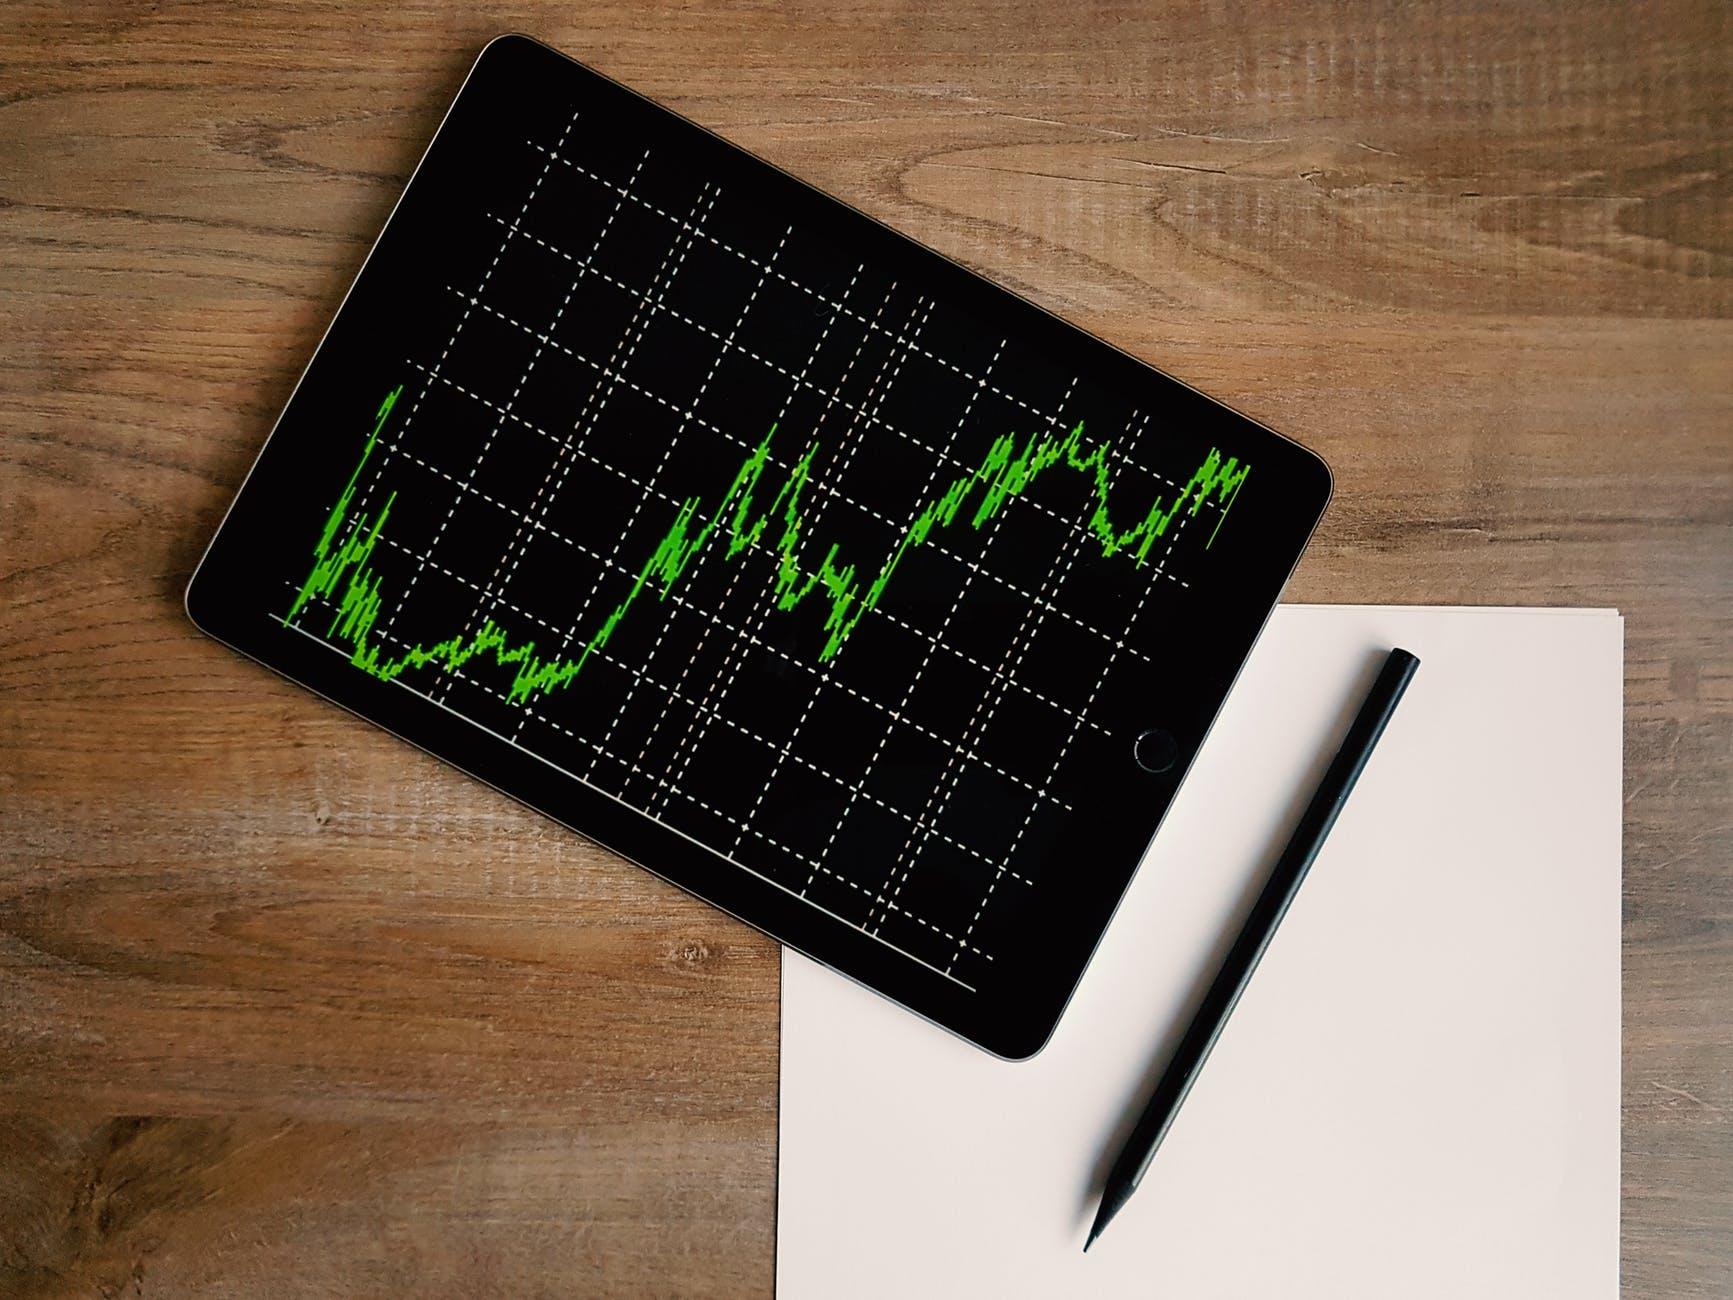 Mengenal Peer to Peer Lending dan Risiko Jika Berinvestasi